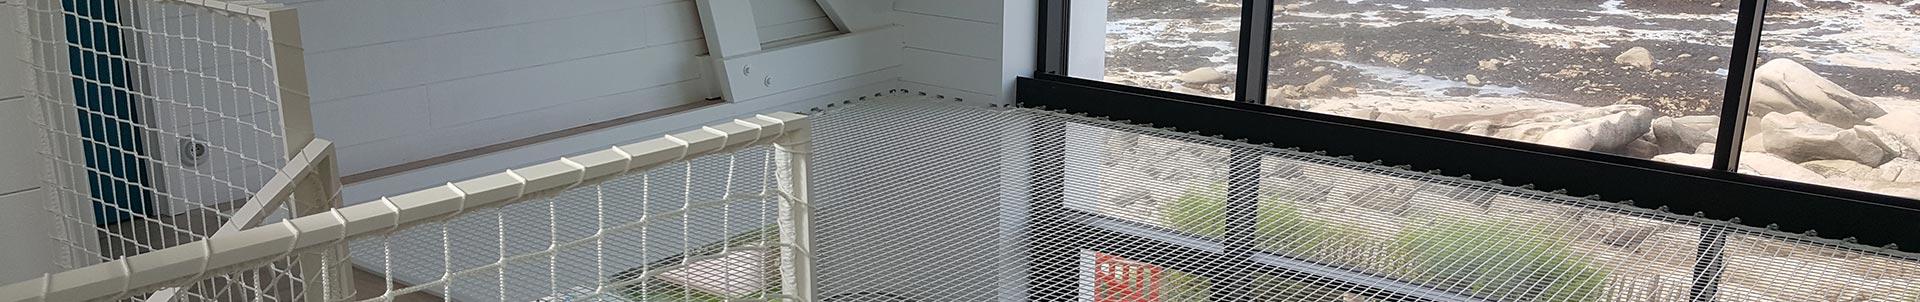 Filet d'habitation, filet mezzanine pour interieur et exterieur